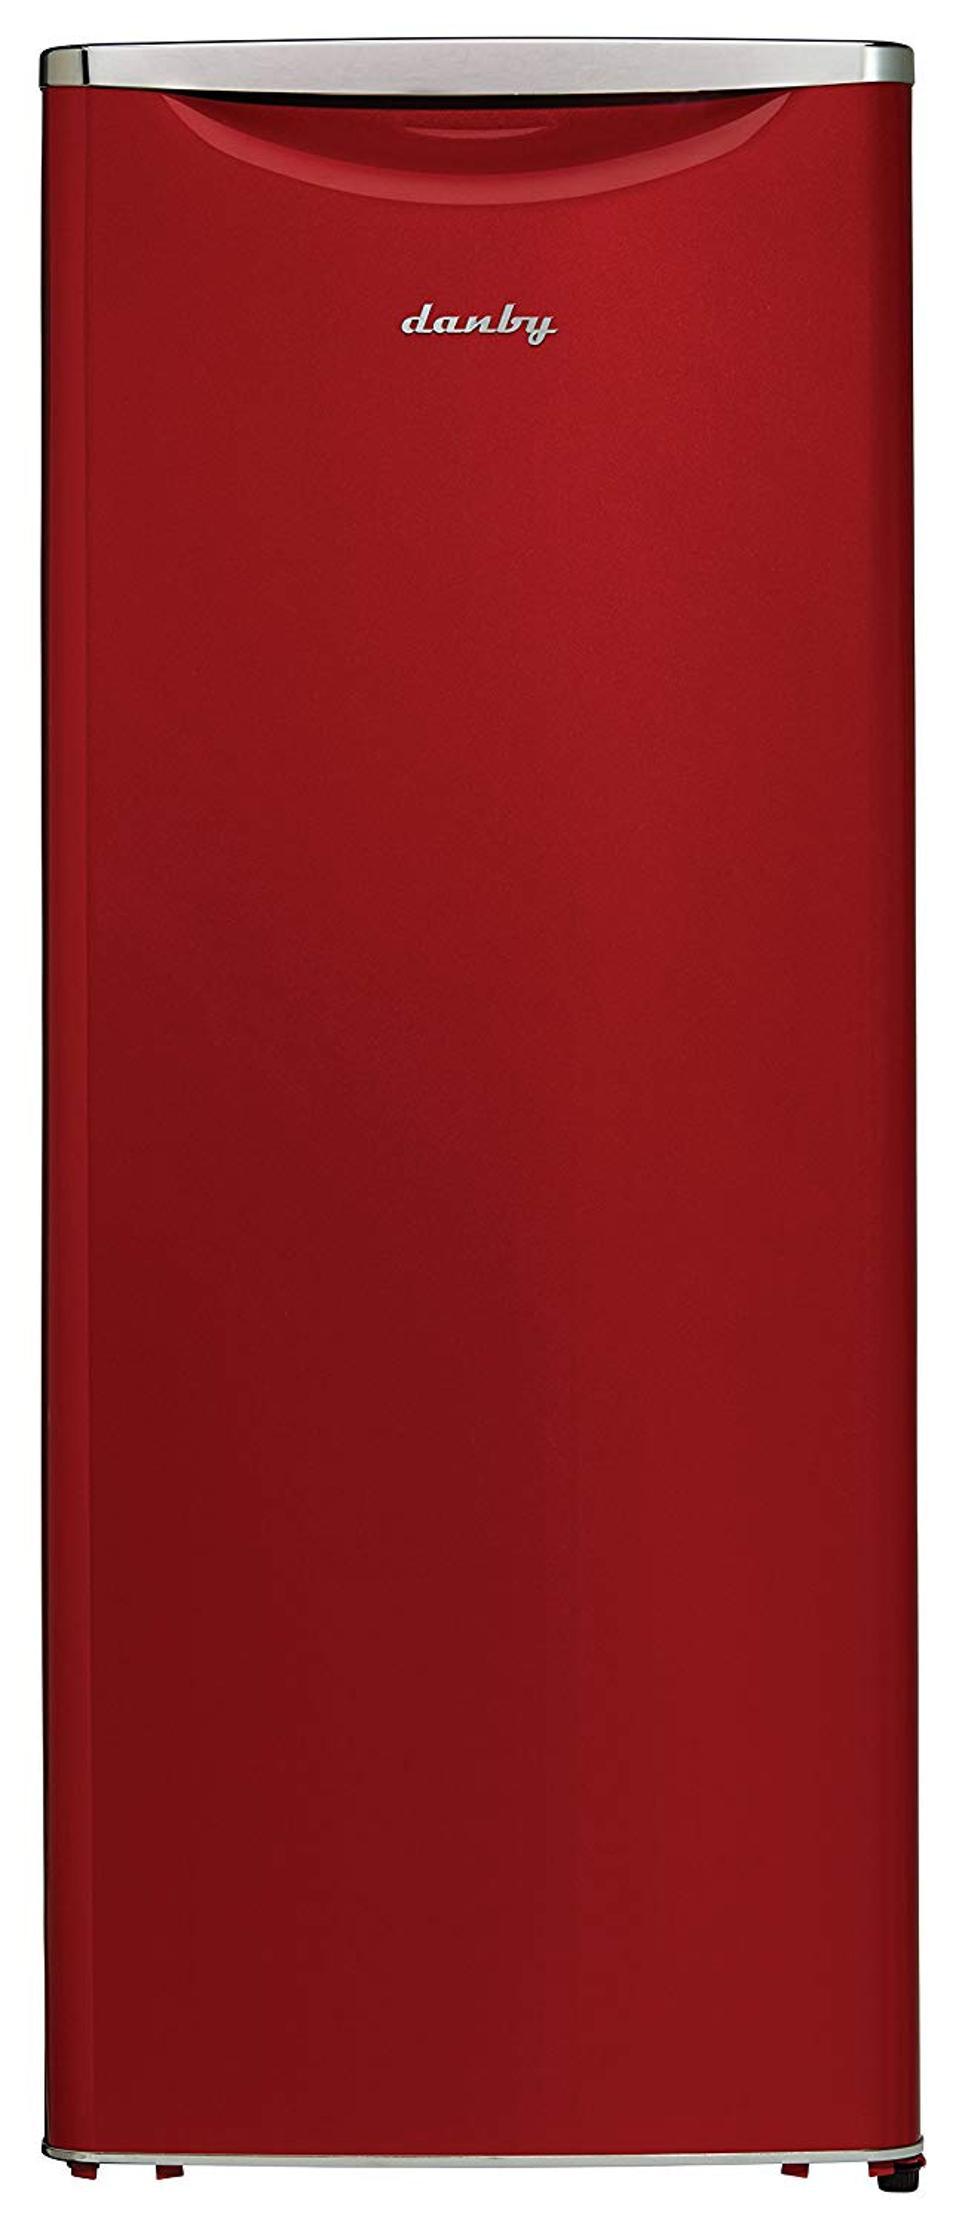 Danby Contemporary Classic All Refrigerator